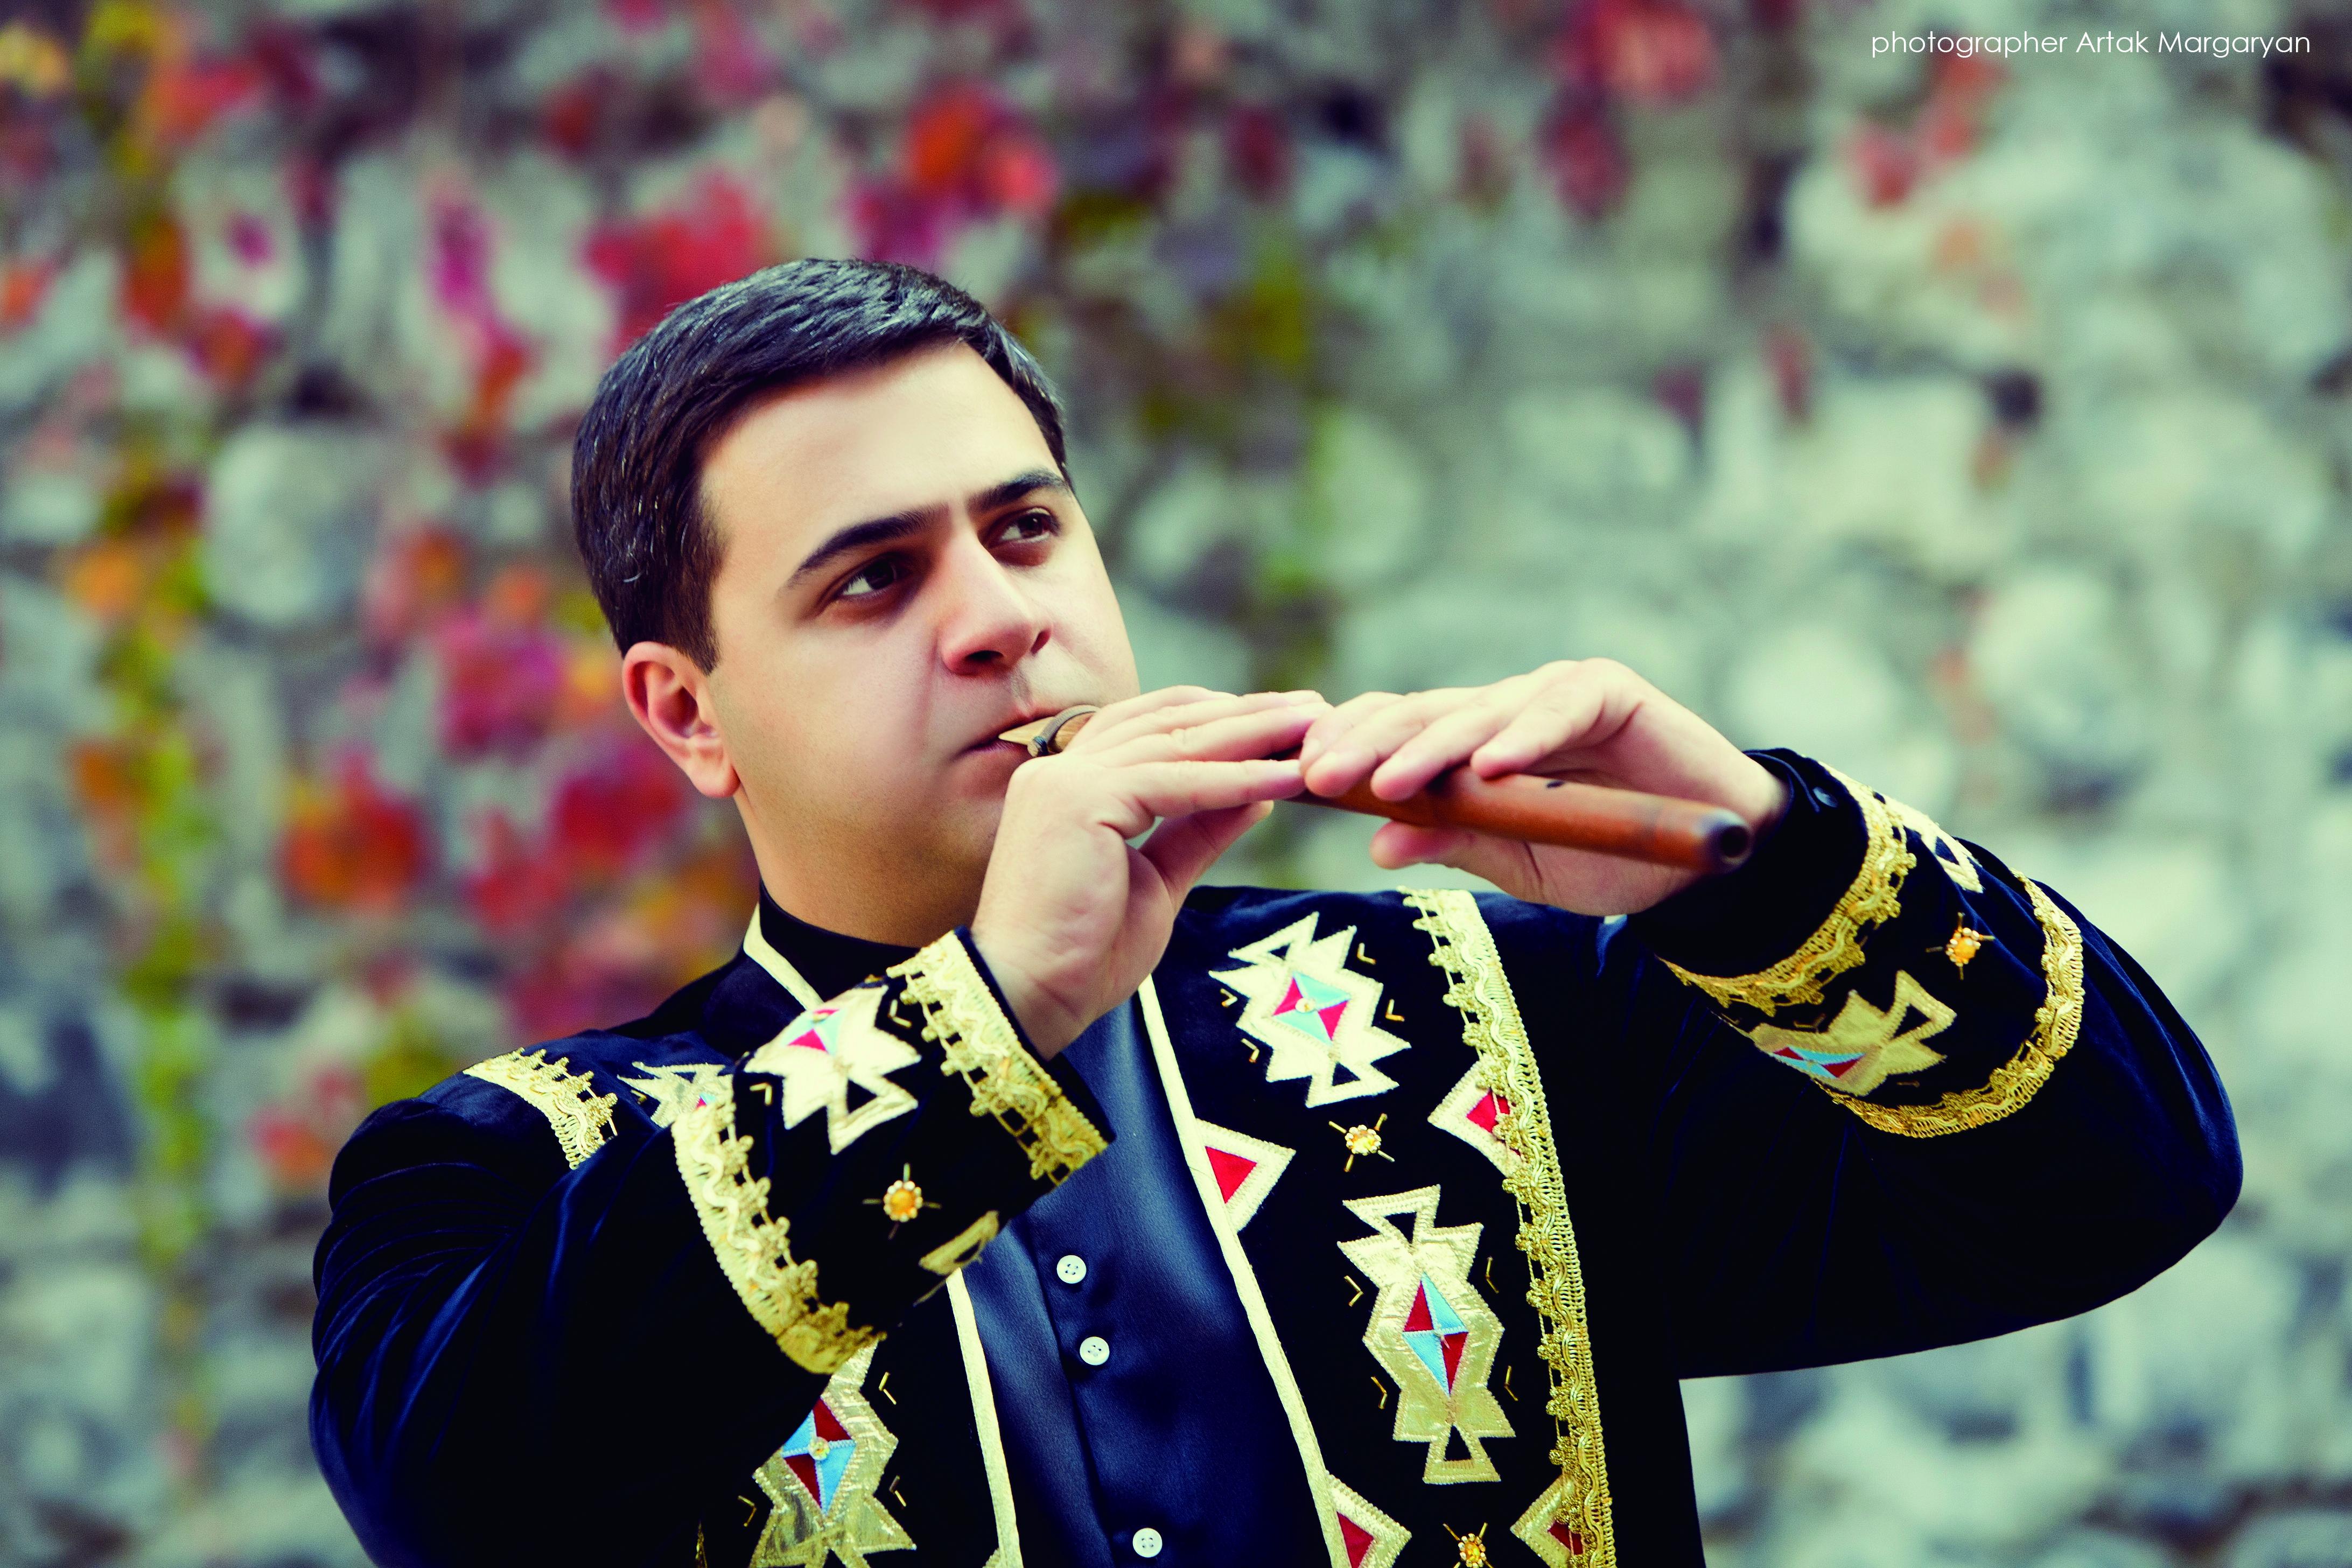 圖3來自外高加索地區的亞美尼亞杜讀管三重奏《The art of the Armenian duduk》,將展示被稱為世界上最古老的樂器之一的亞美尼亞杜讀管的古老風情與跨界創意。.jpg